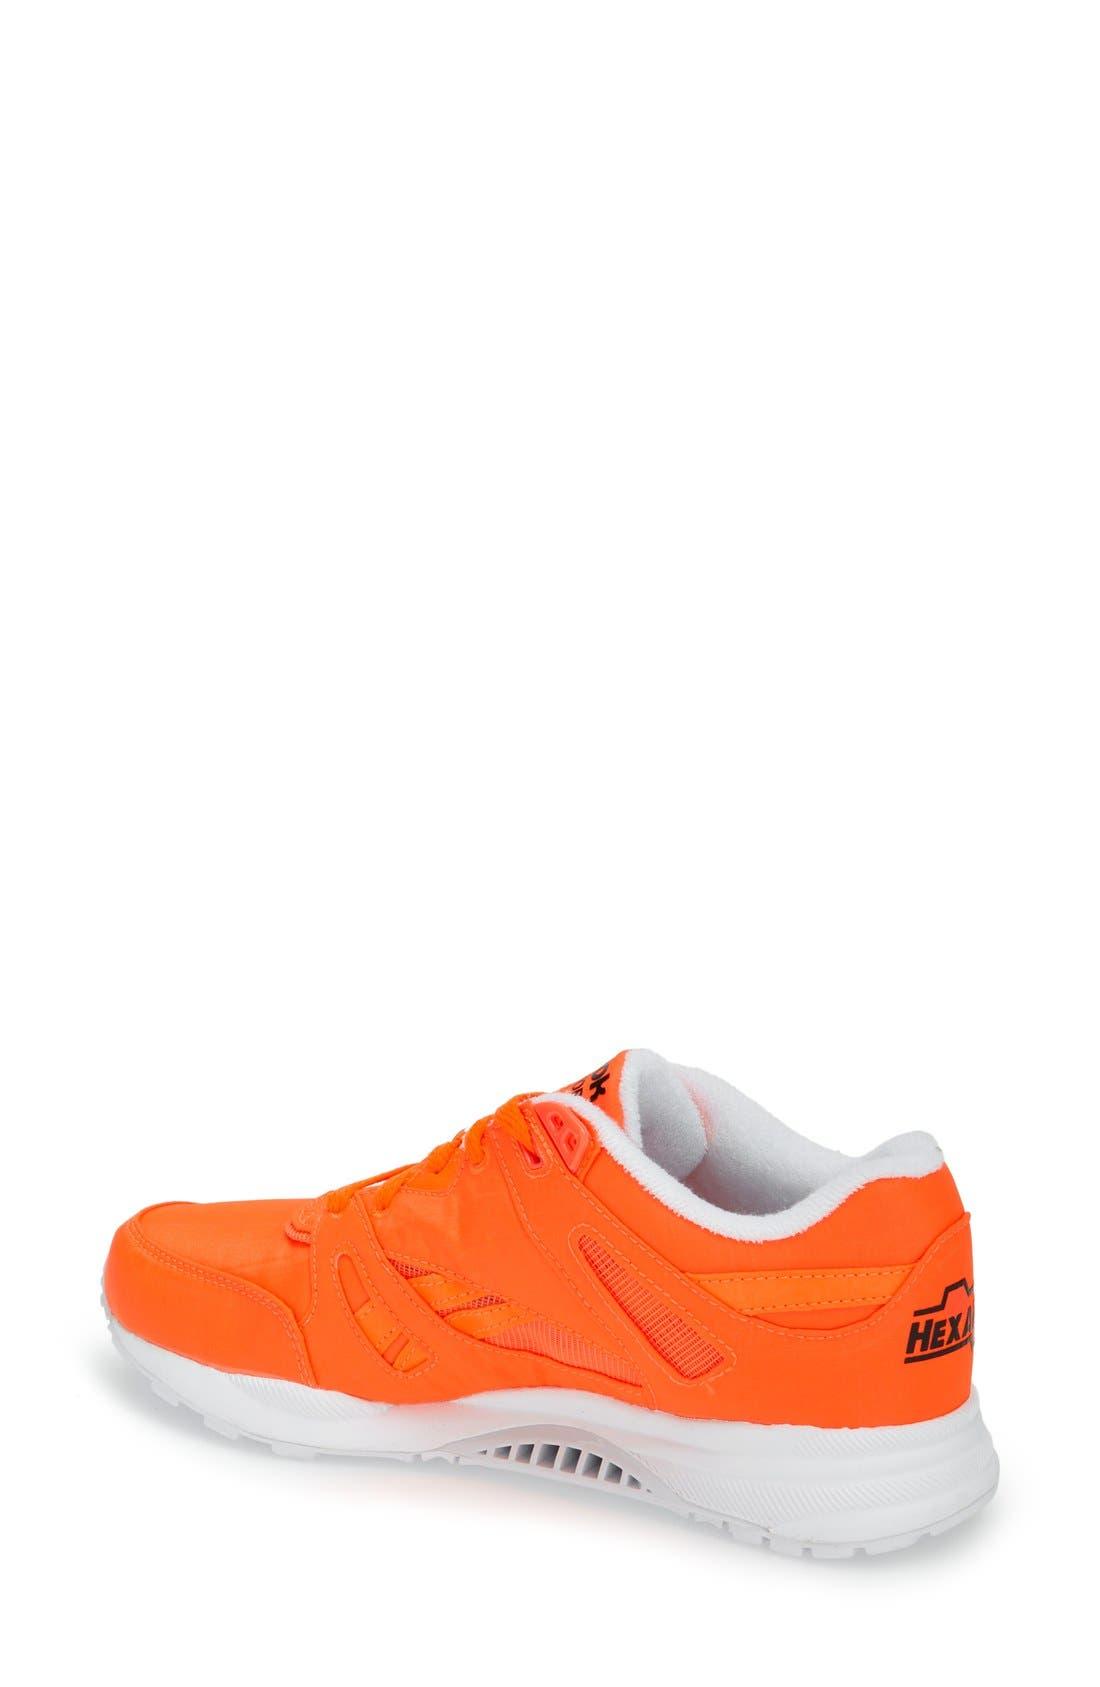 Alternate Image 2  - Reebok 'Ventilator' Sneaker (Women)